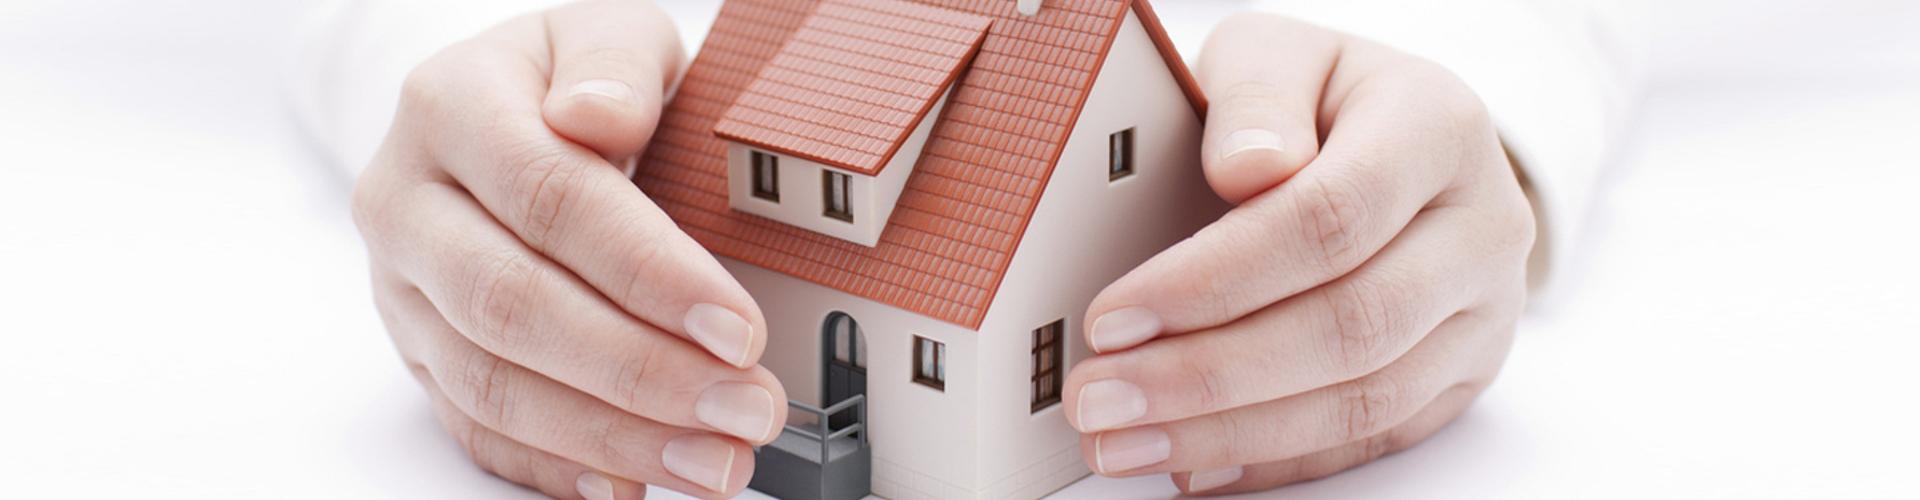 foto_per_articolo_Bene_assicurazione_casa